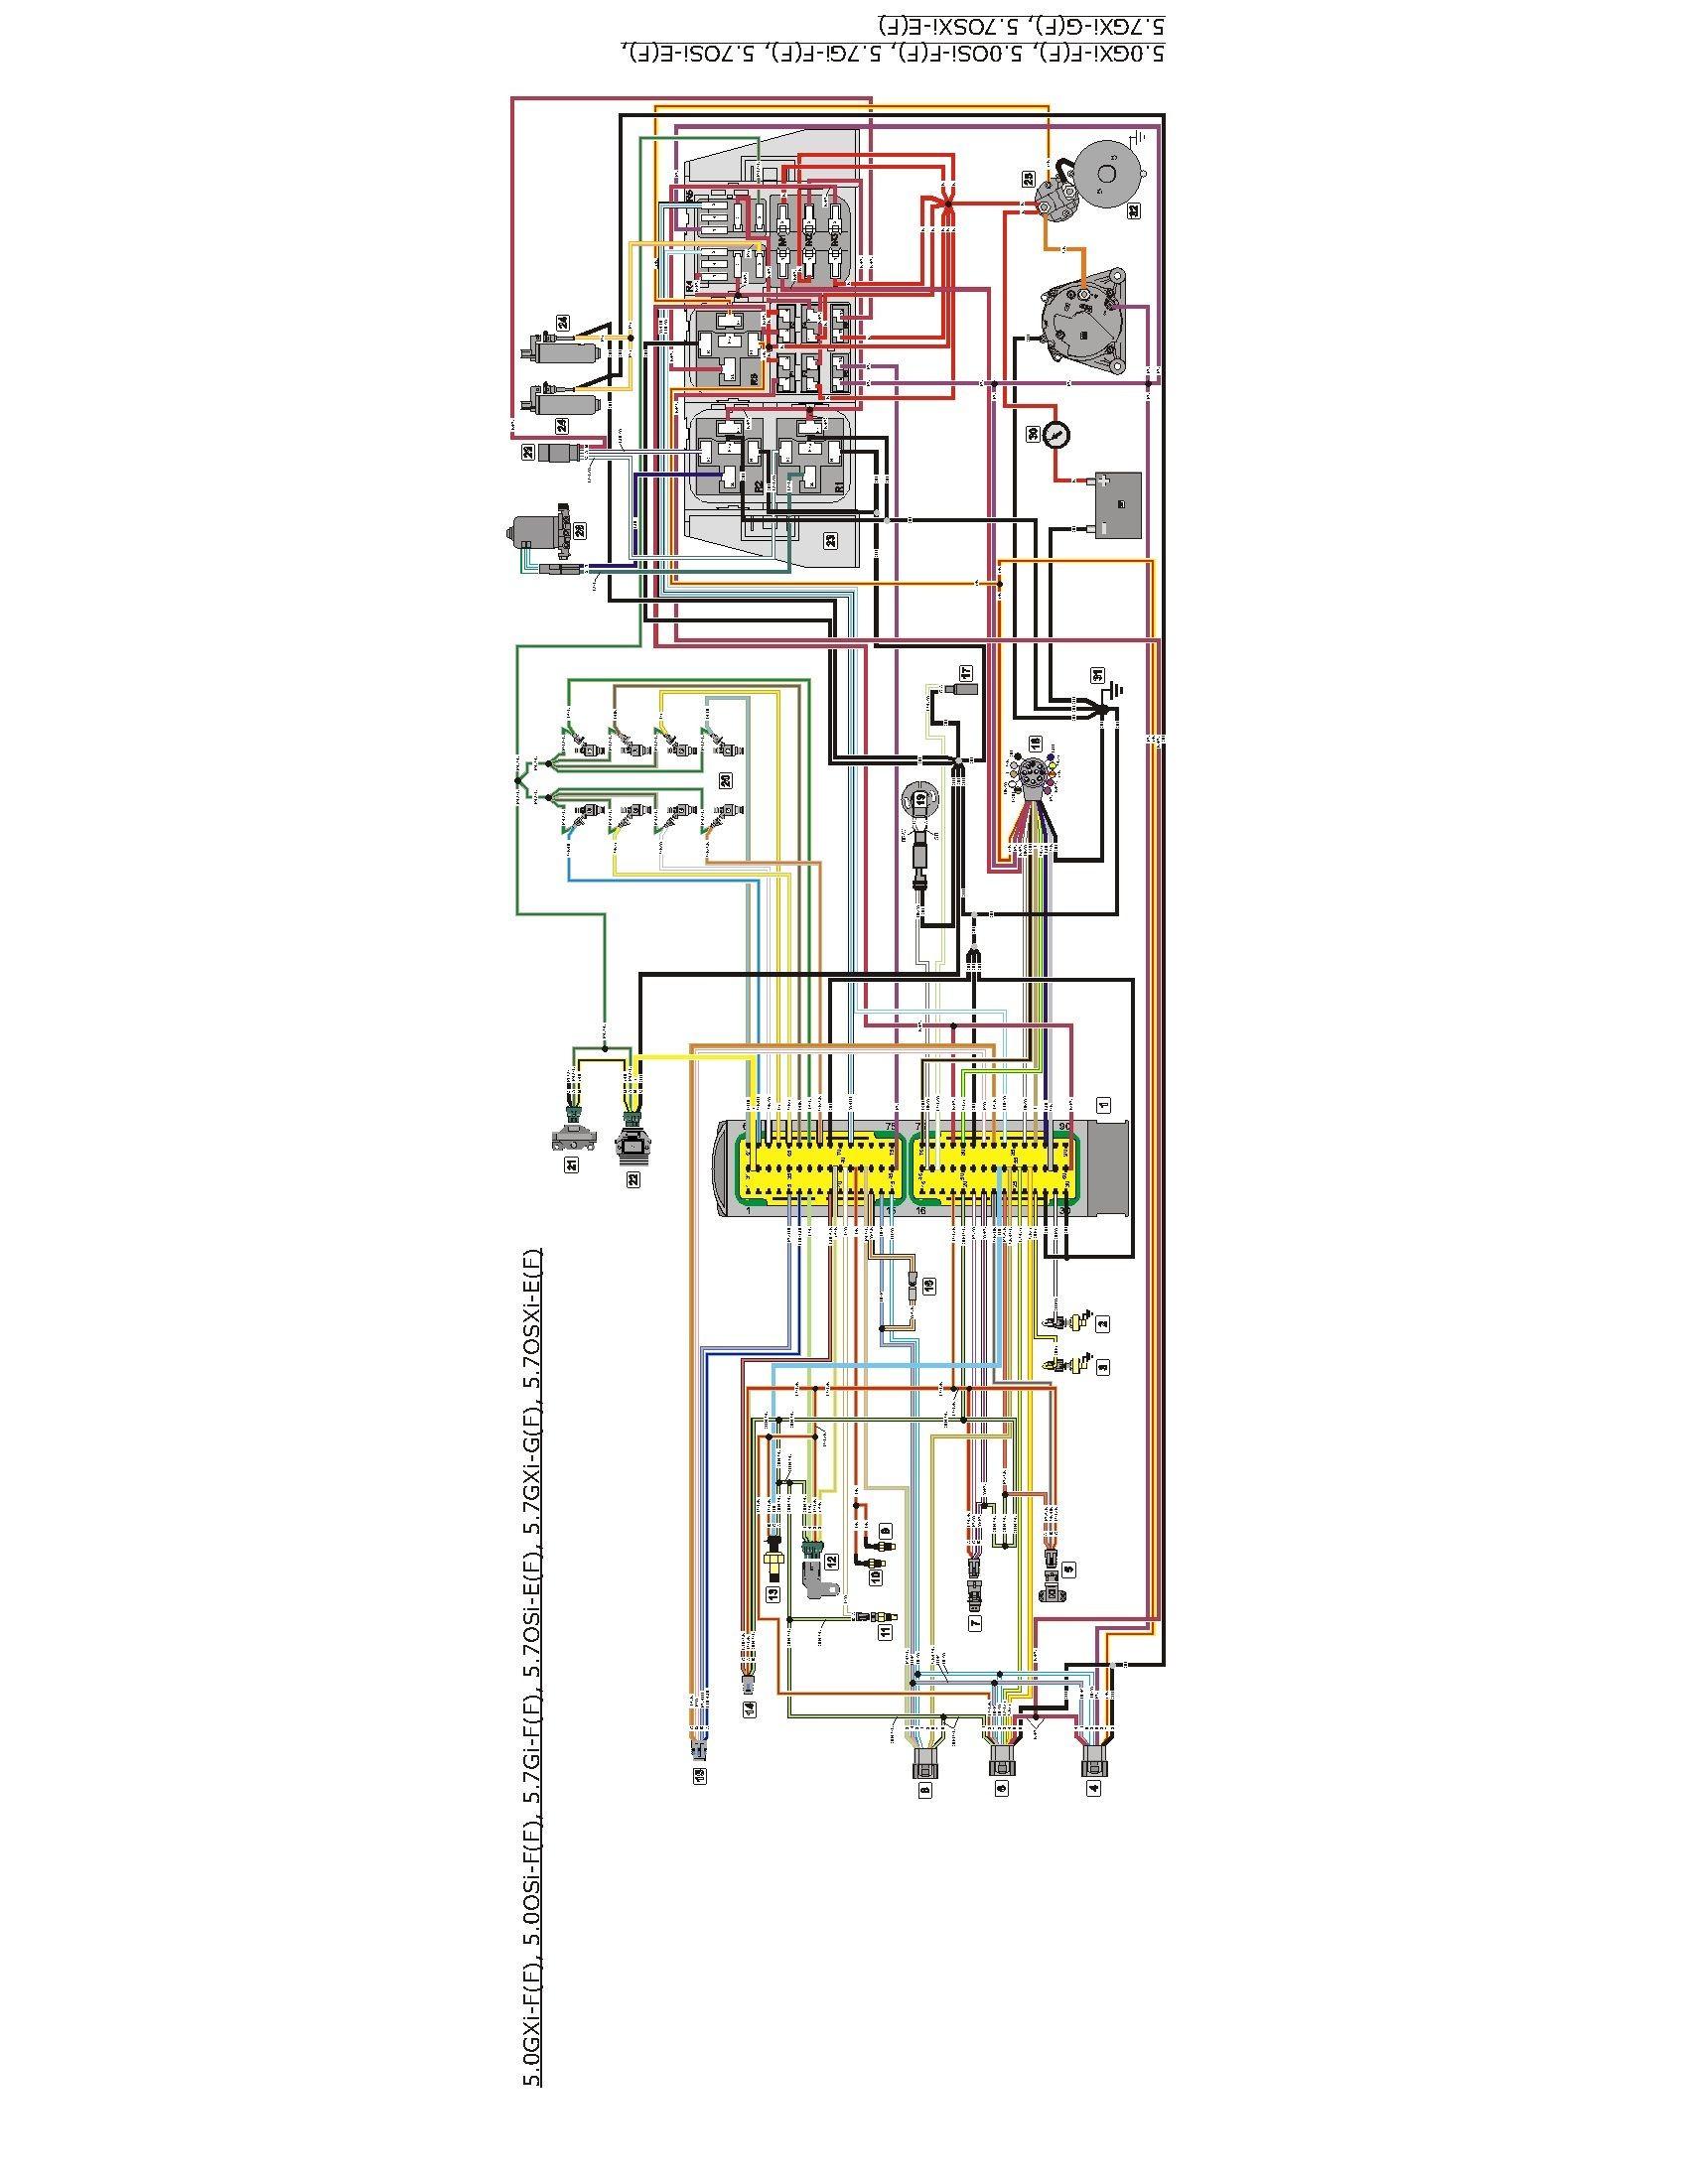 Volvo Penta Water Pump Diagram On Volvo Penta Shift Control Diagram